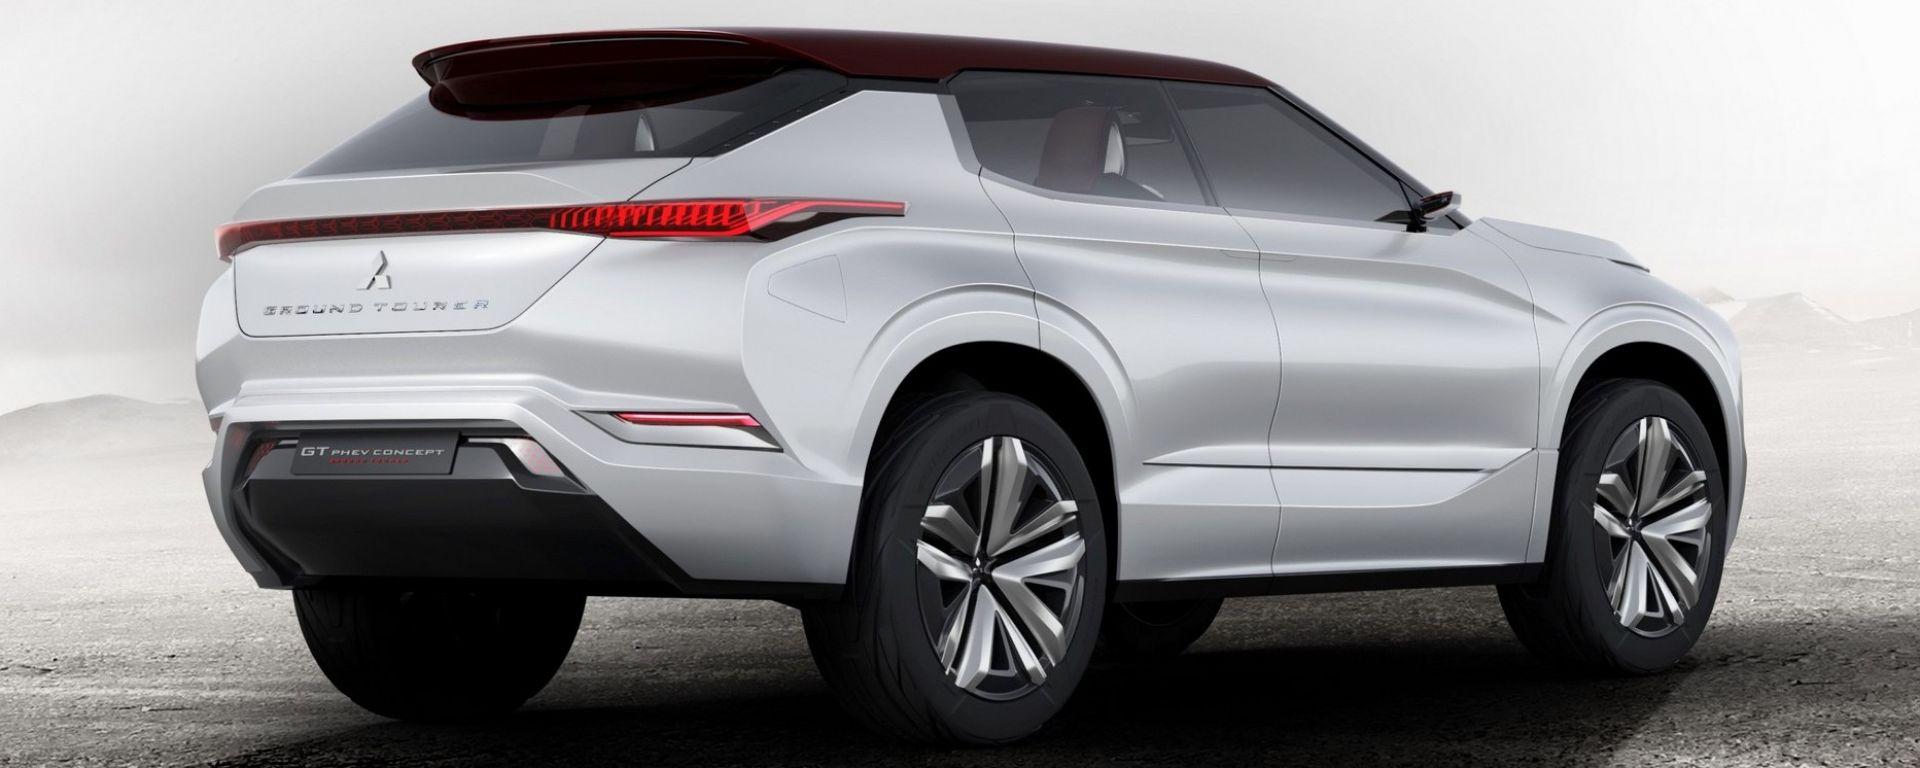 Mitsubishi GT-PHEV Concept, debutto al Salone di Parigi 2016